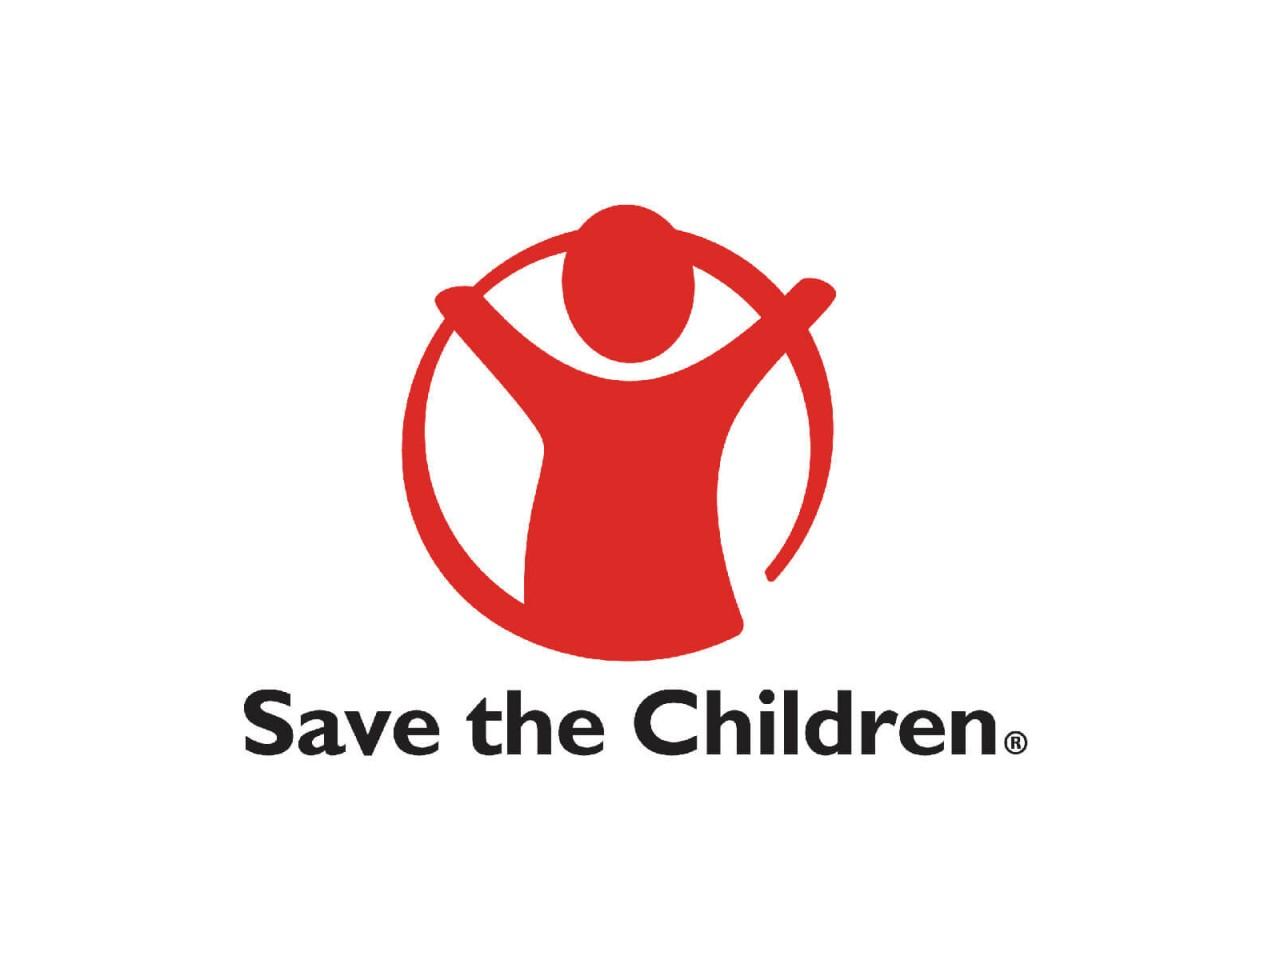 logo-Save-the-children-1280x960.jpg